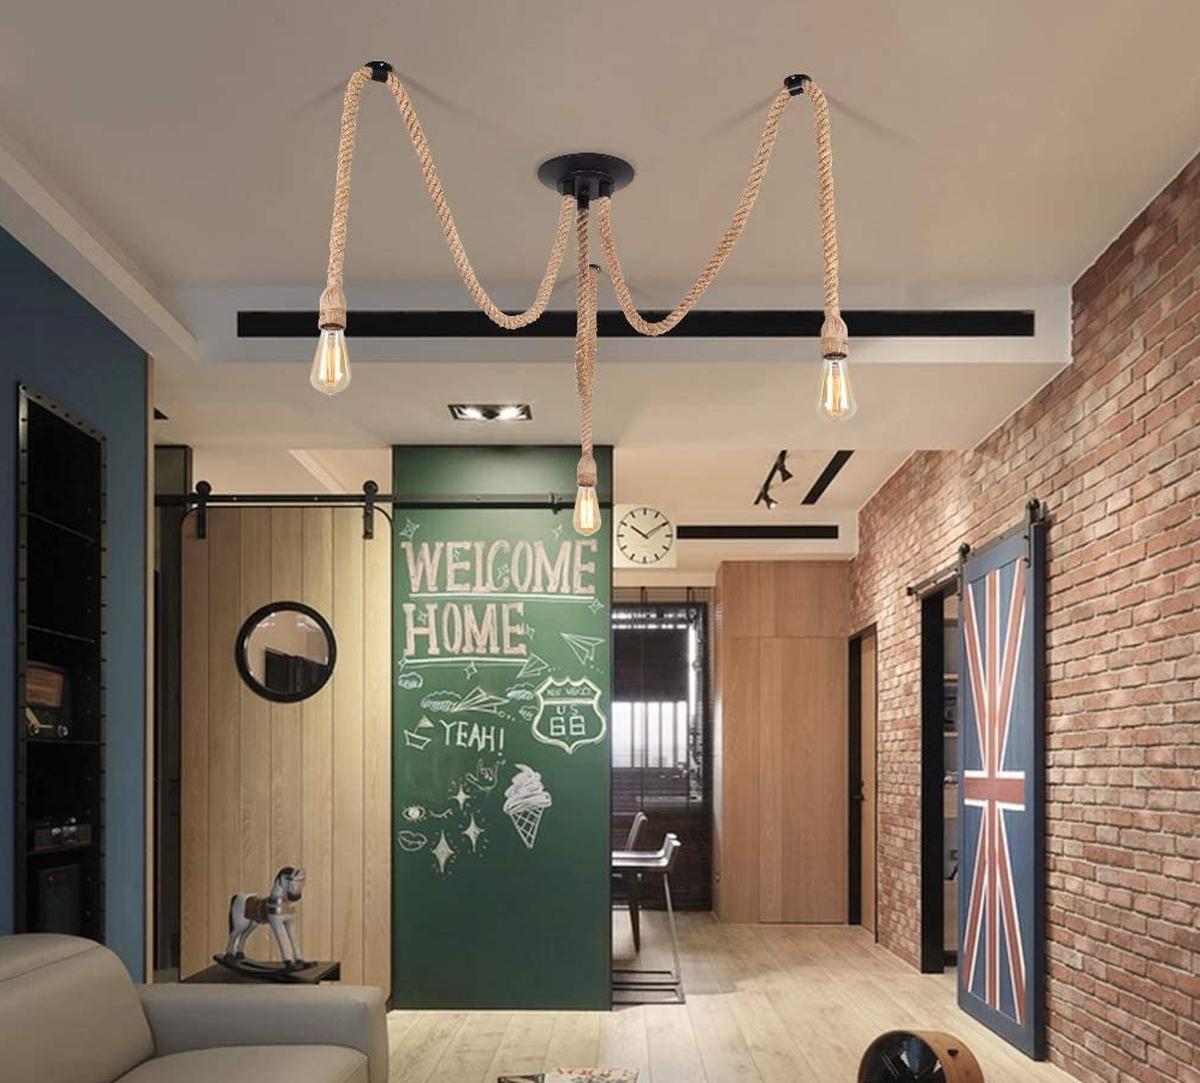 lampadario-ciondolo-in-corda-di-canapa-da-soffitto-3-punti-luce